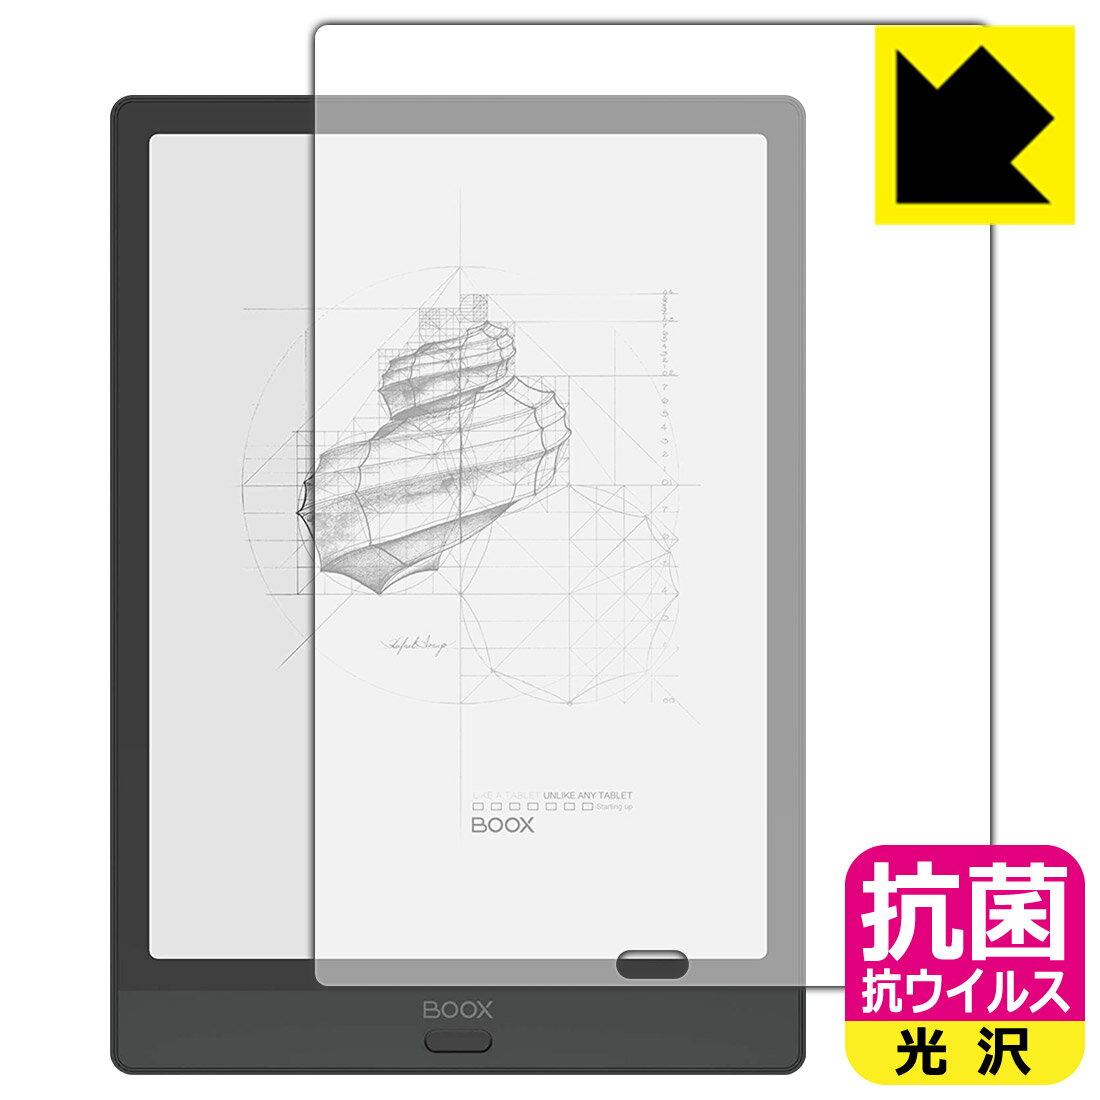 電子書籍リーダーアクセサリー, その他  Onyx BOOX Note3 RCPsmtb-kd